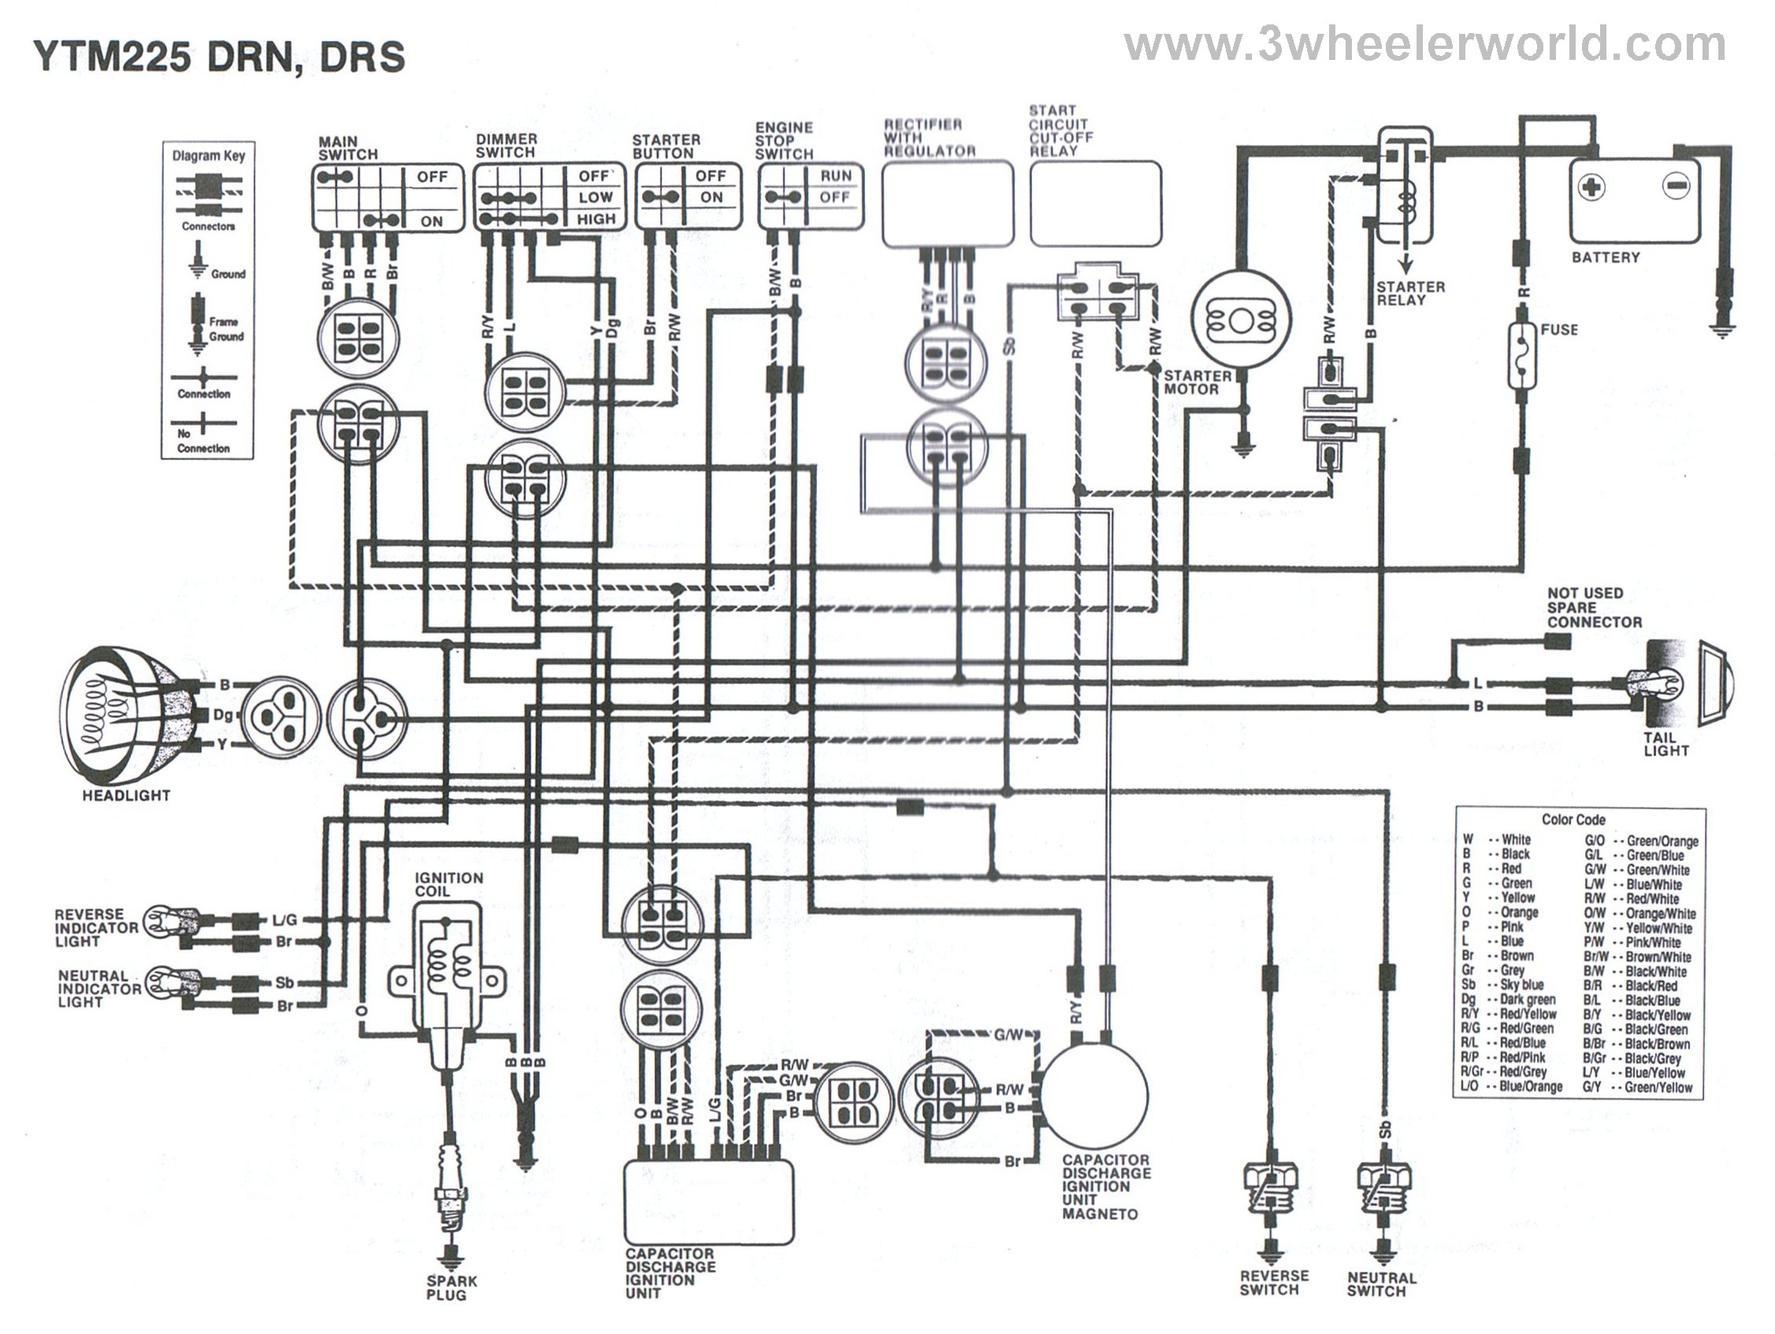 kawasaki ninja 250r wiring diagram kawasaki image ktm 250 wiring diagram 1985 ktm auto wiring diagram schematic on kawasaki ninja 250r wiring diagram